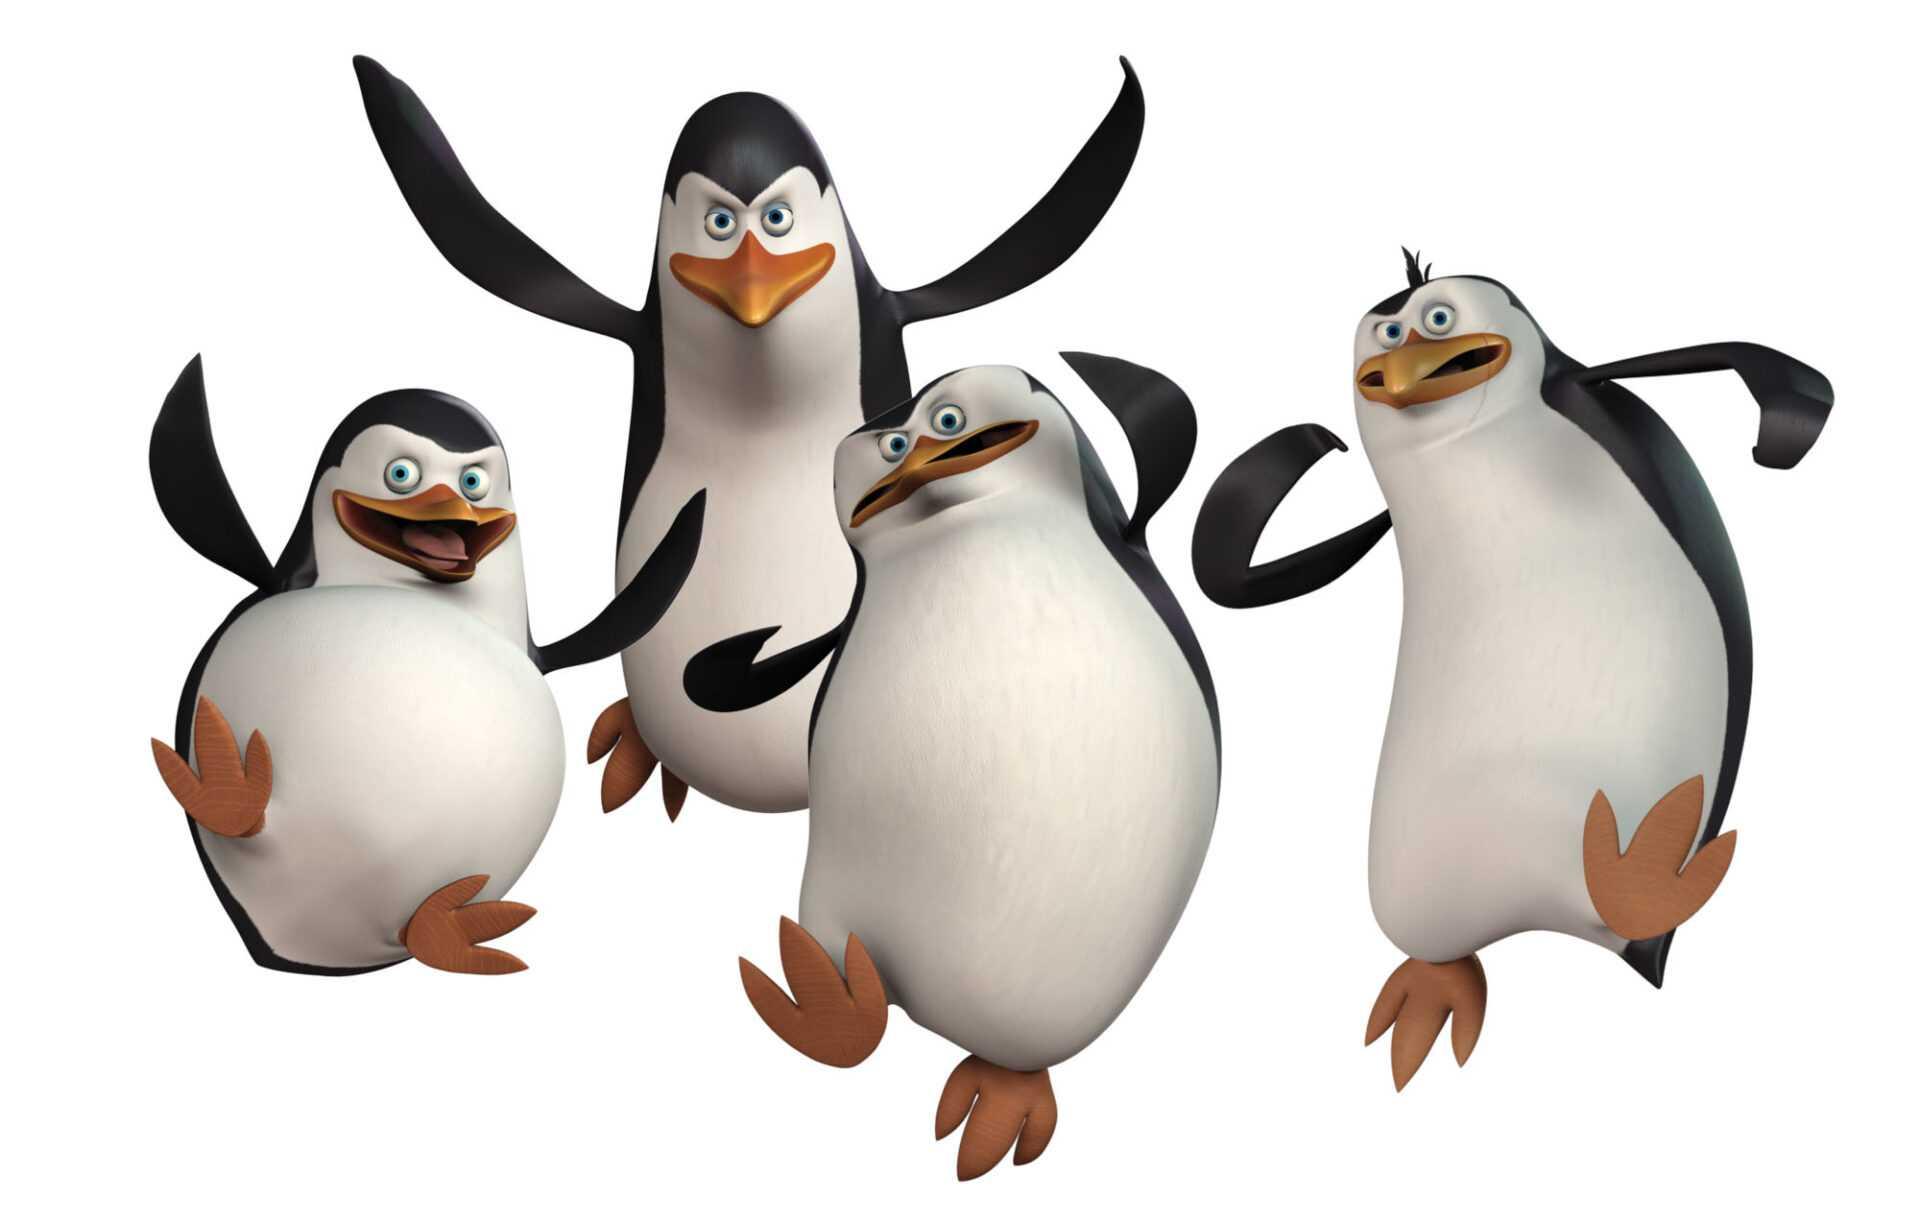 Da domani su Boing arrivano i pinguini di Madagascar | Digitale terrestre: Dtti.it